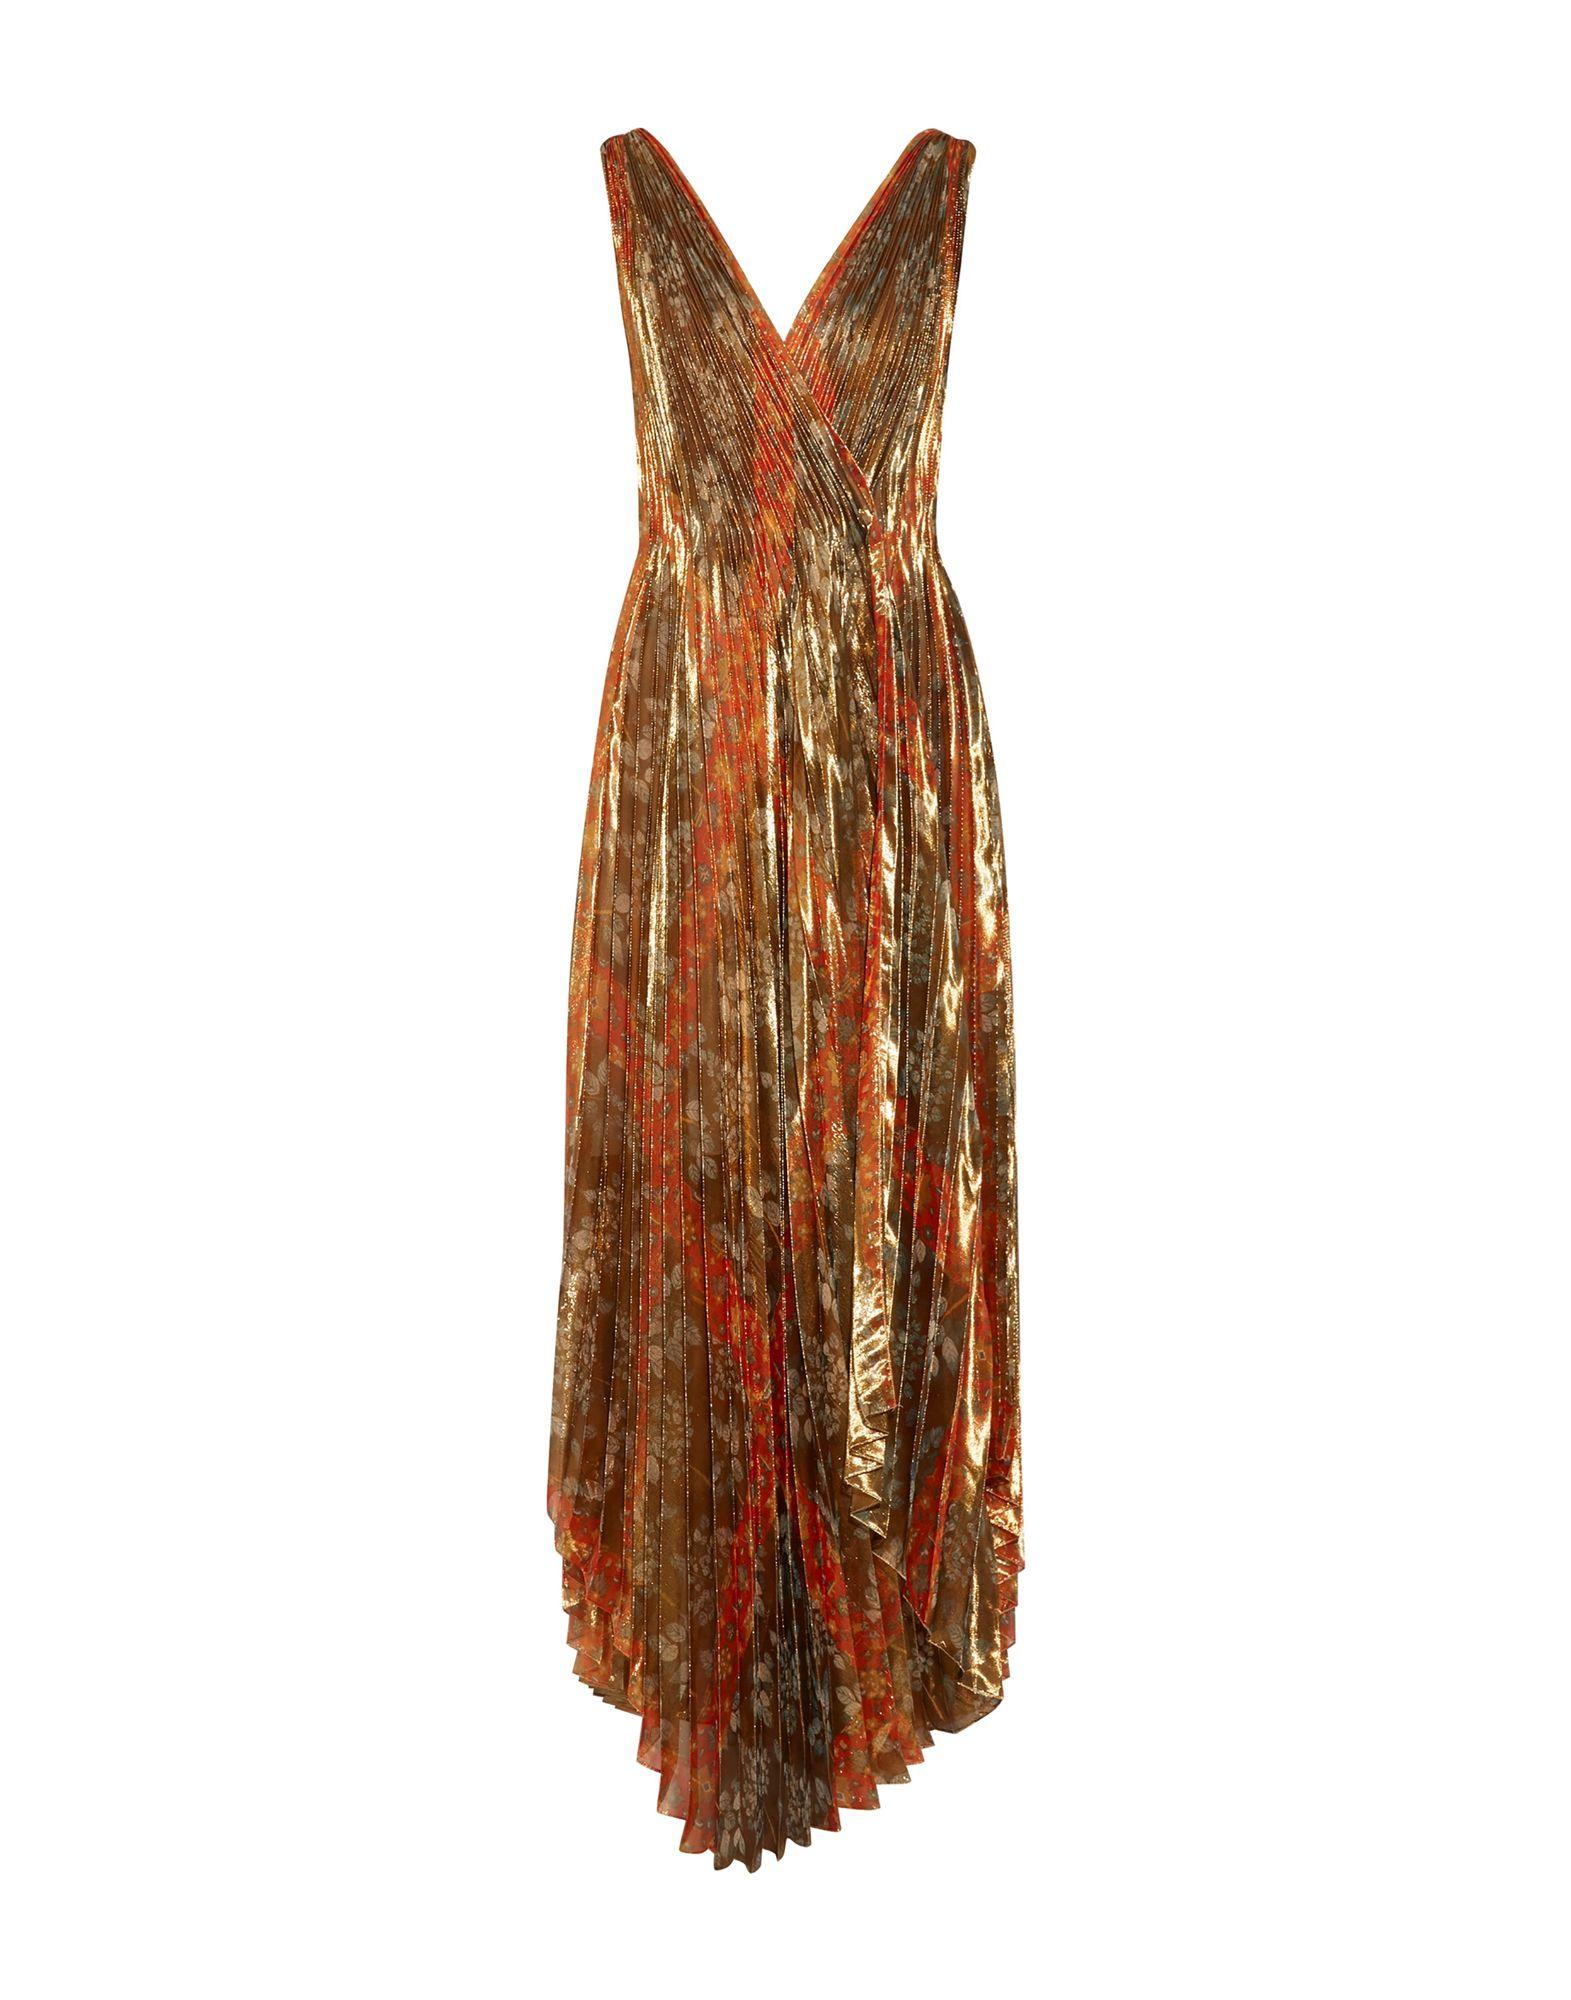 OSCAR DE LA RENTA Платье длиной 3/4 la fabrique платье длиной 3 4